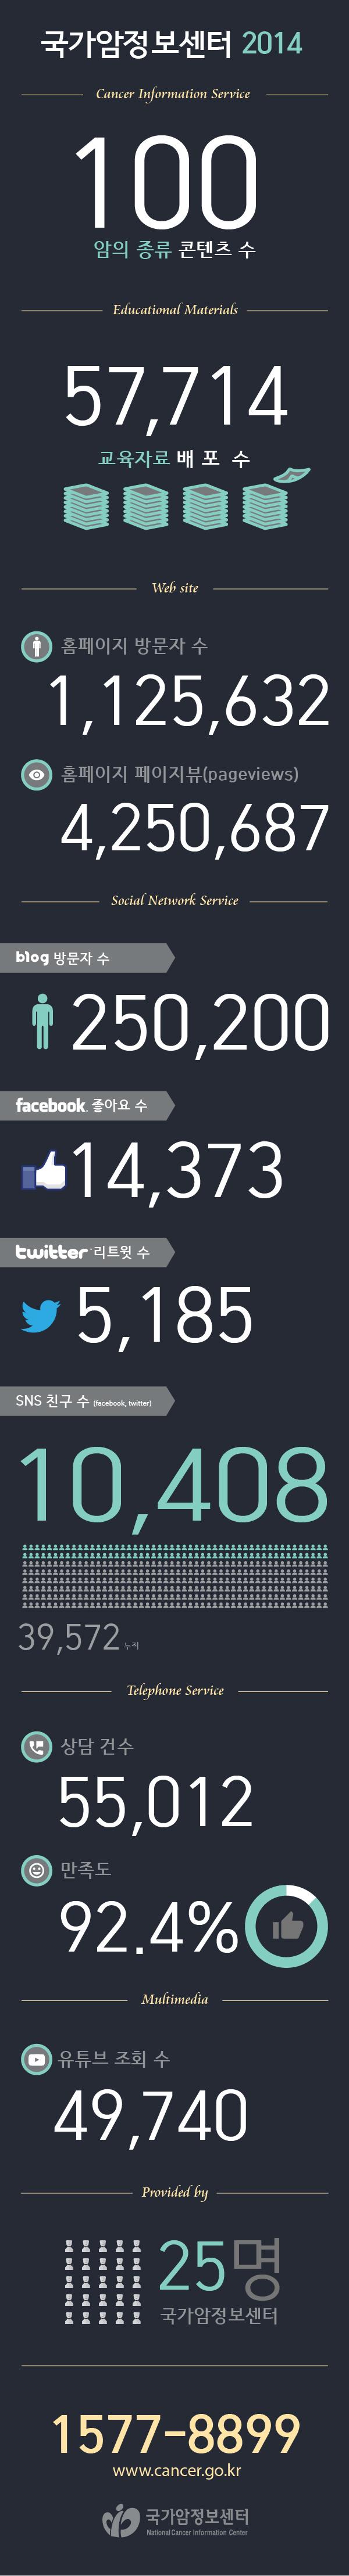 [국가암정보센터] 2014년 총결산